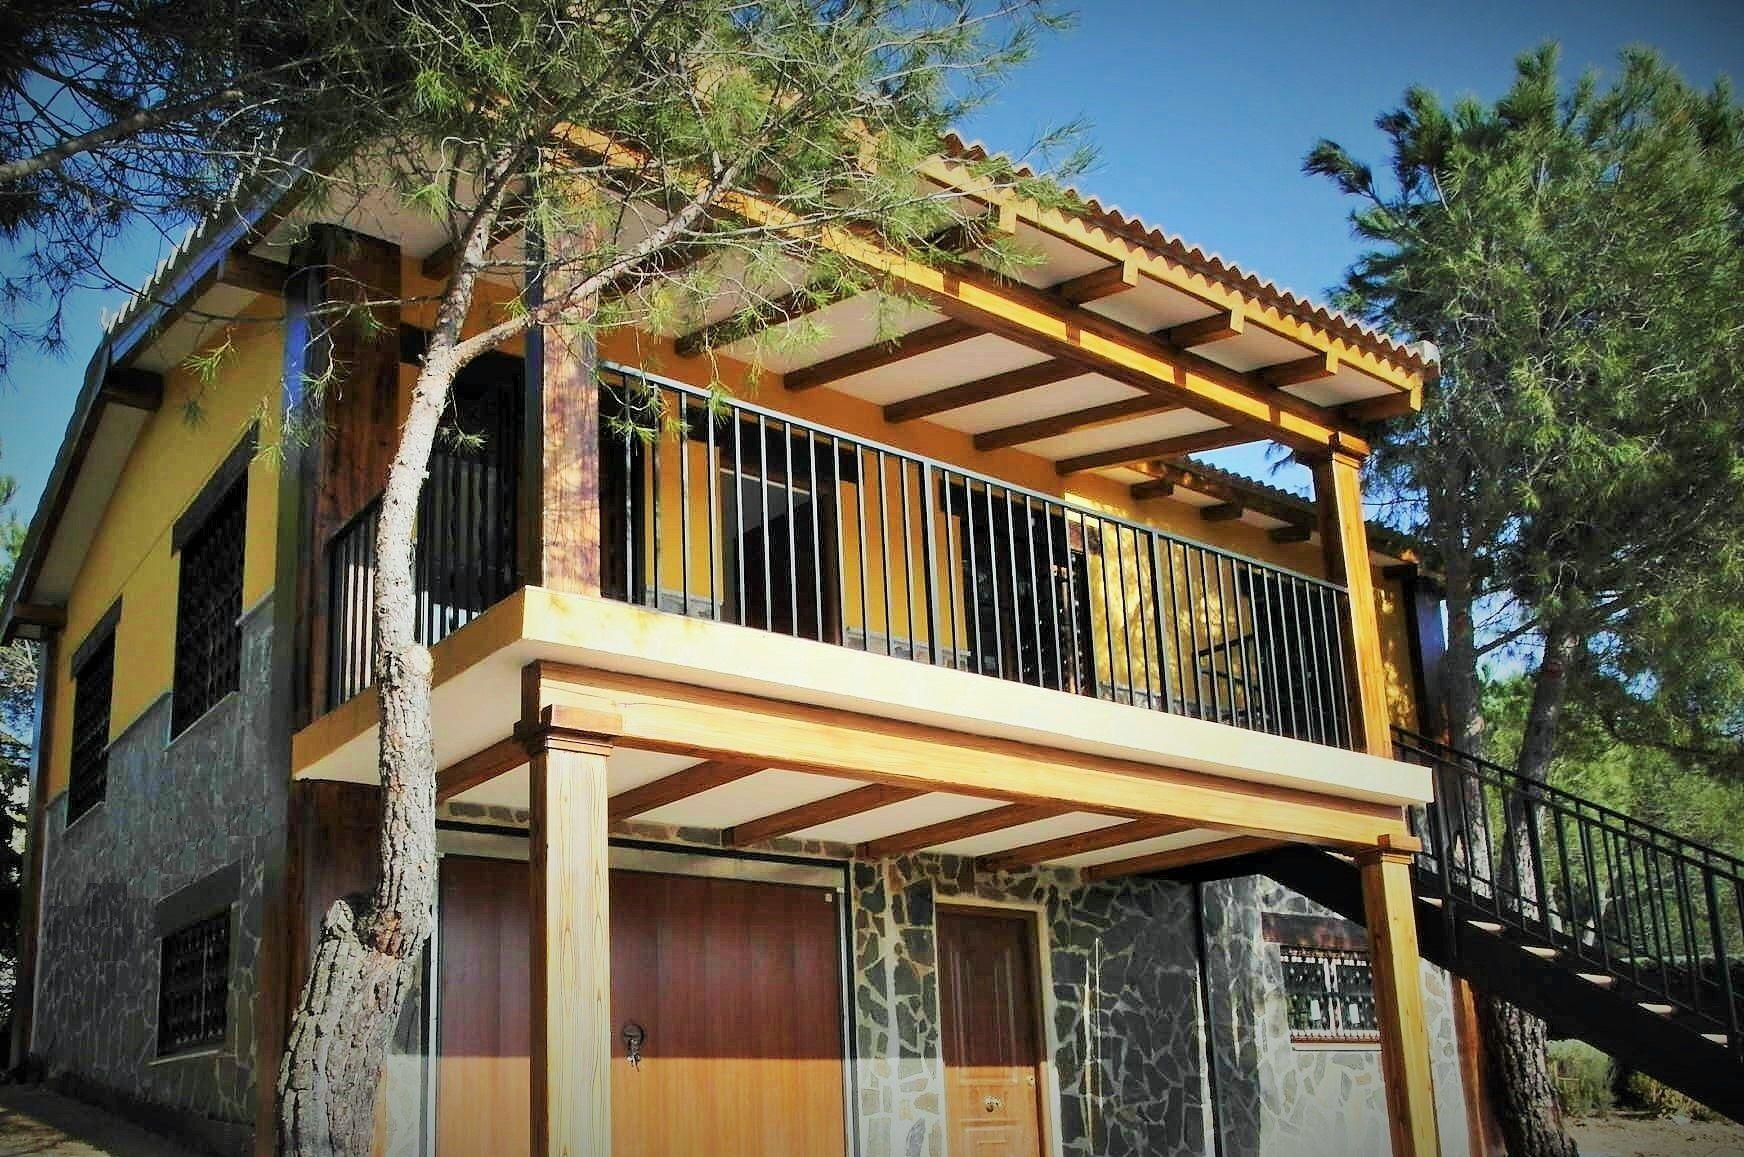 Casa prefabricada de hormigon con terraza a vistas - Casas de acero prefabricadas ...